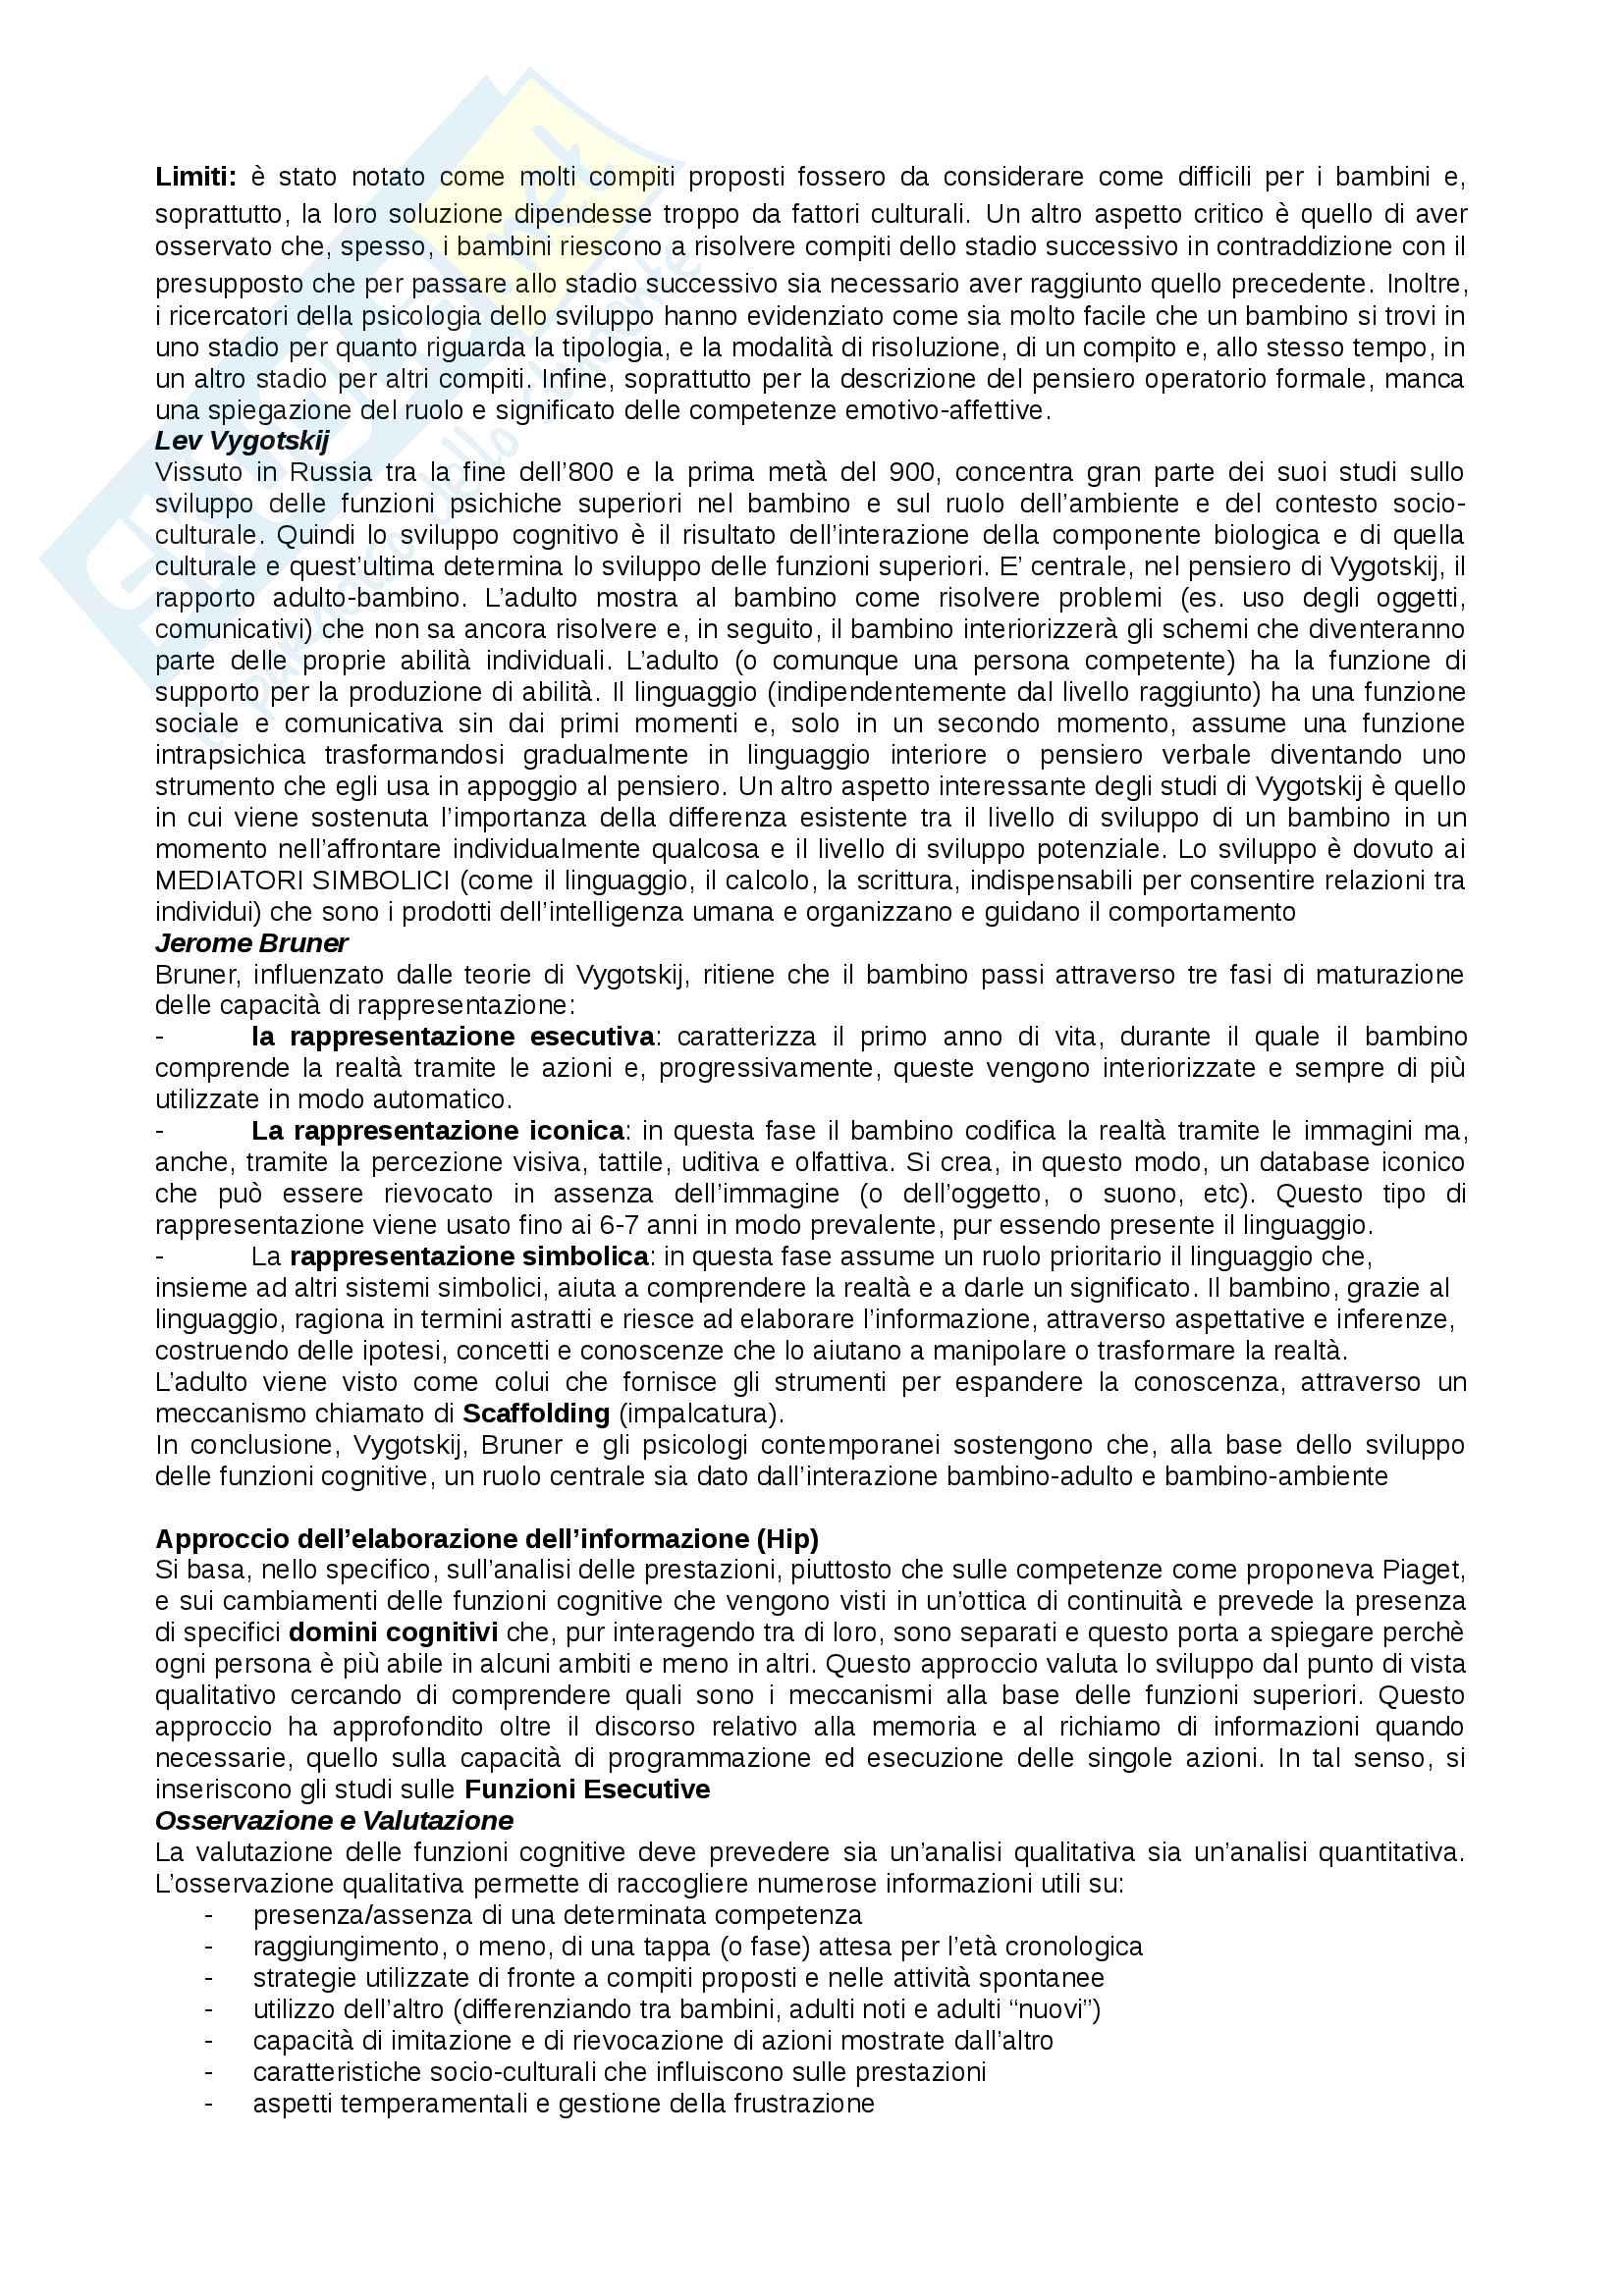 Riassunto psicologia dello sviluppo Pag. 11